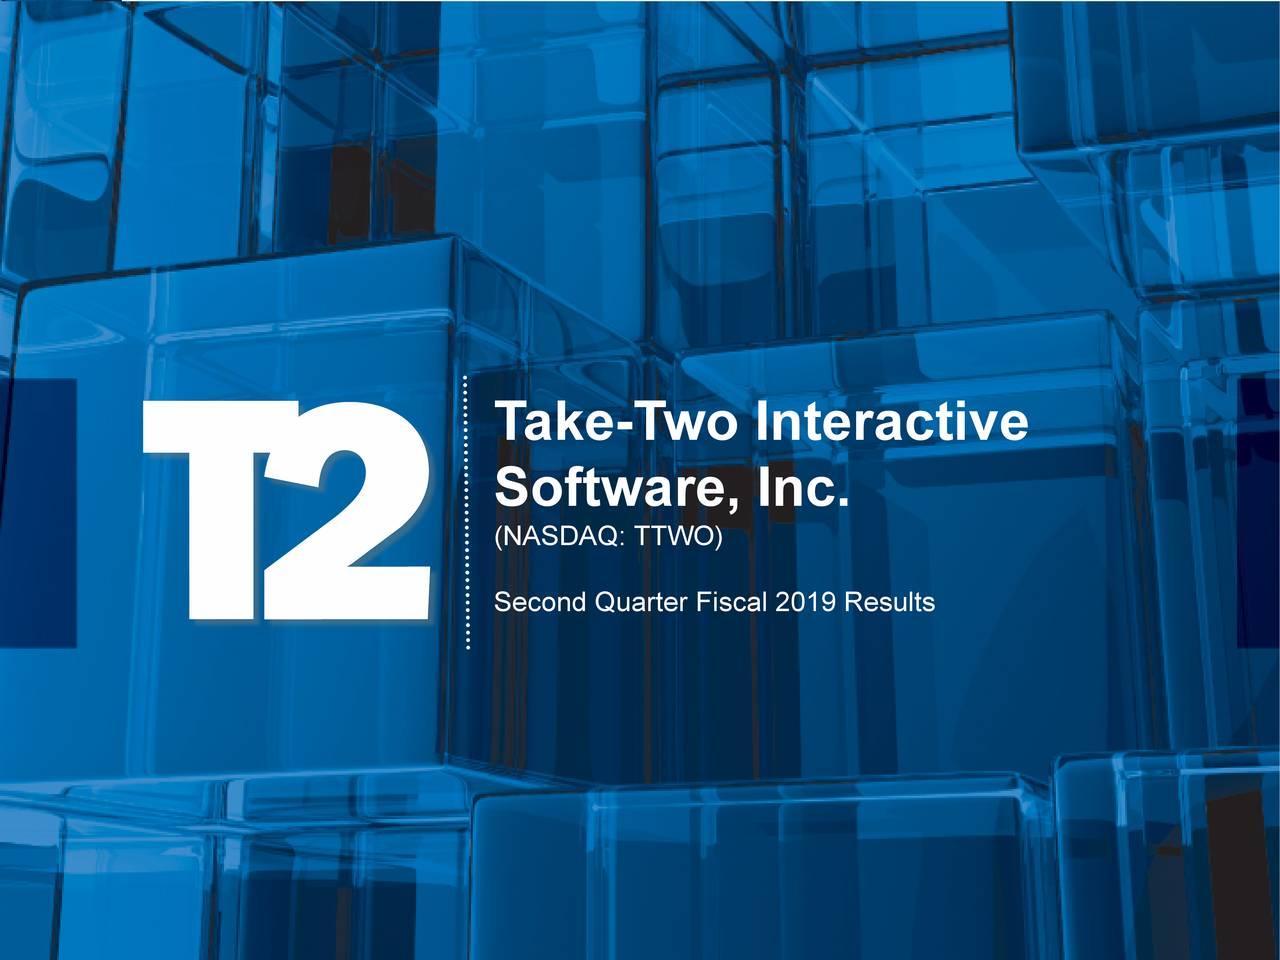 Software, Inc. (NASDAQ: TTWO) Second Quarter Fiscal 2019 Results